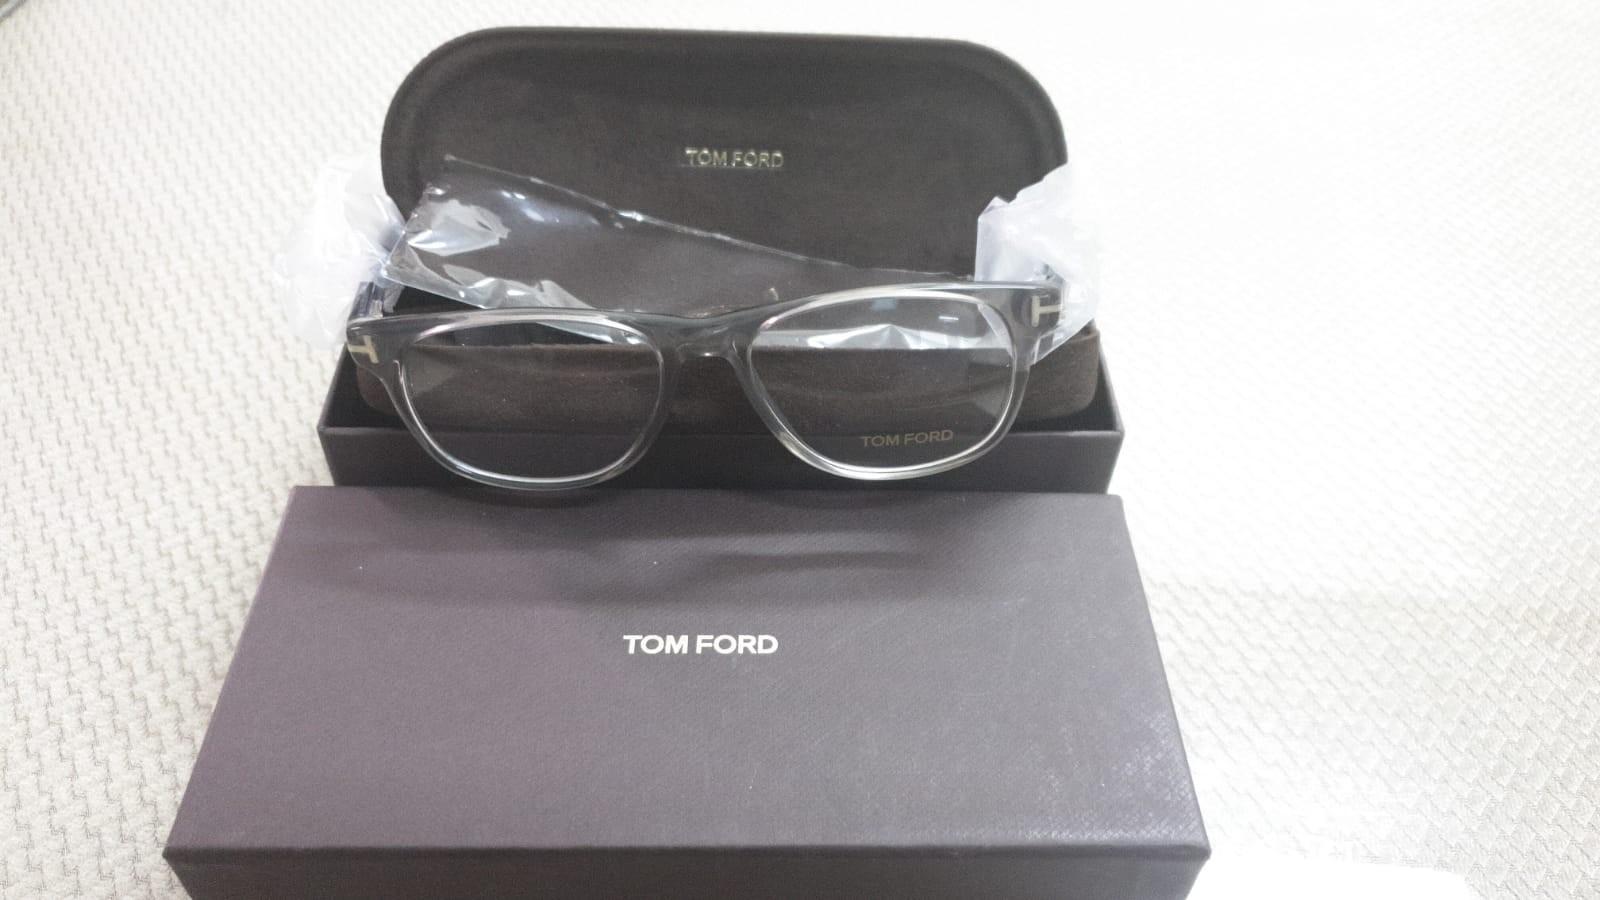 نظارات TOM FORD توم فورد جديدة